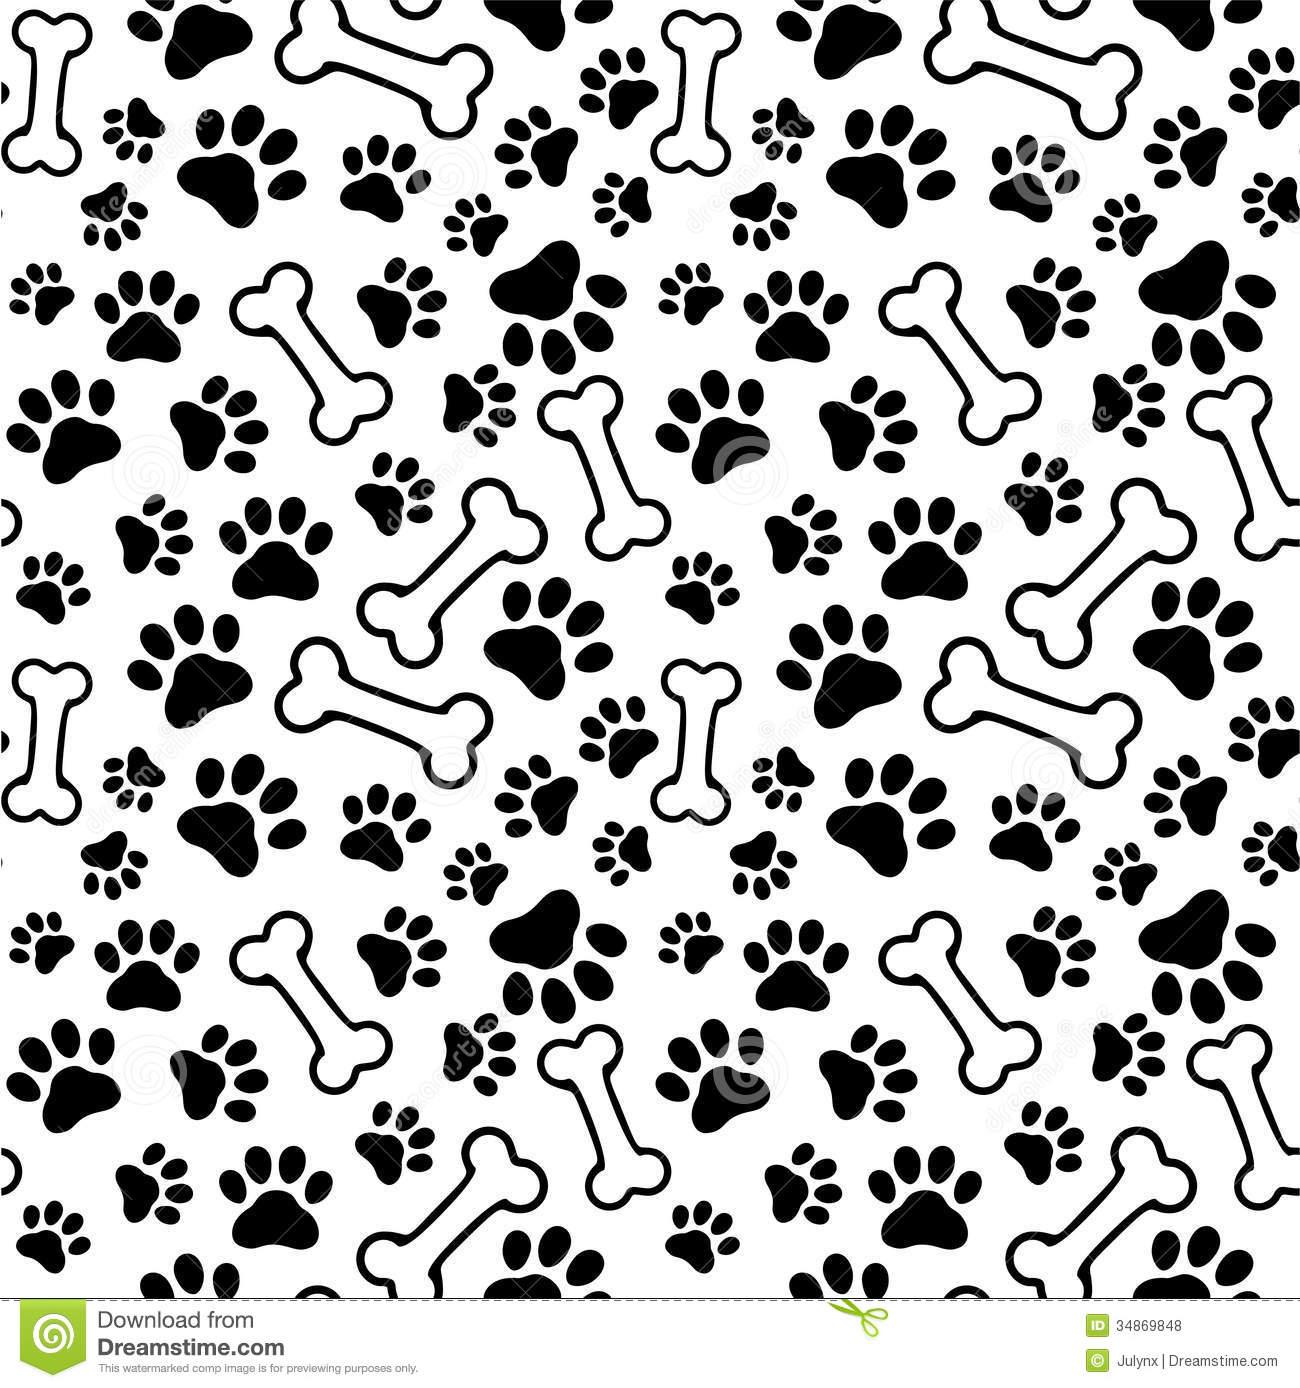 Dog Bone Wallpaper - WallpaperSafari